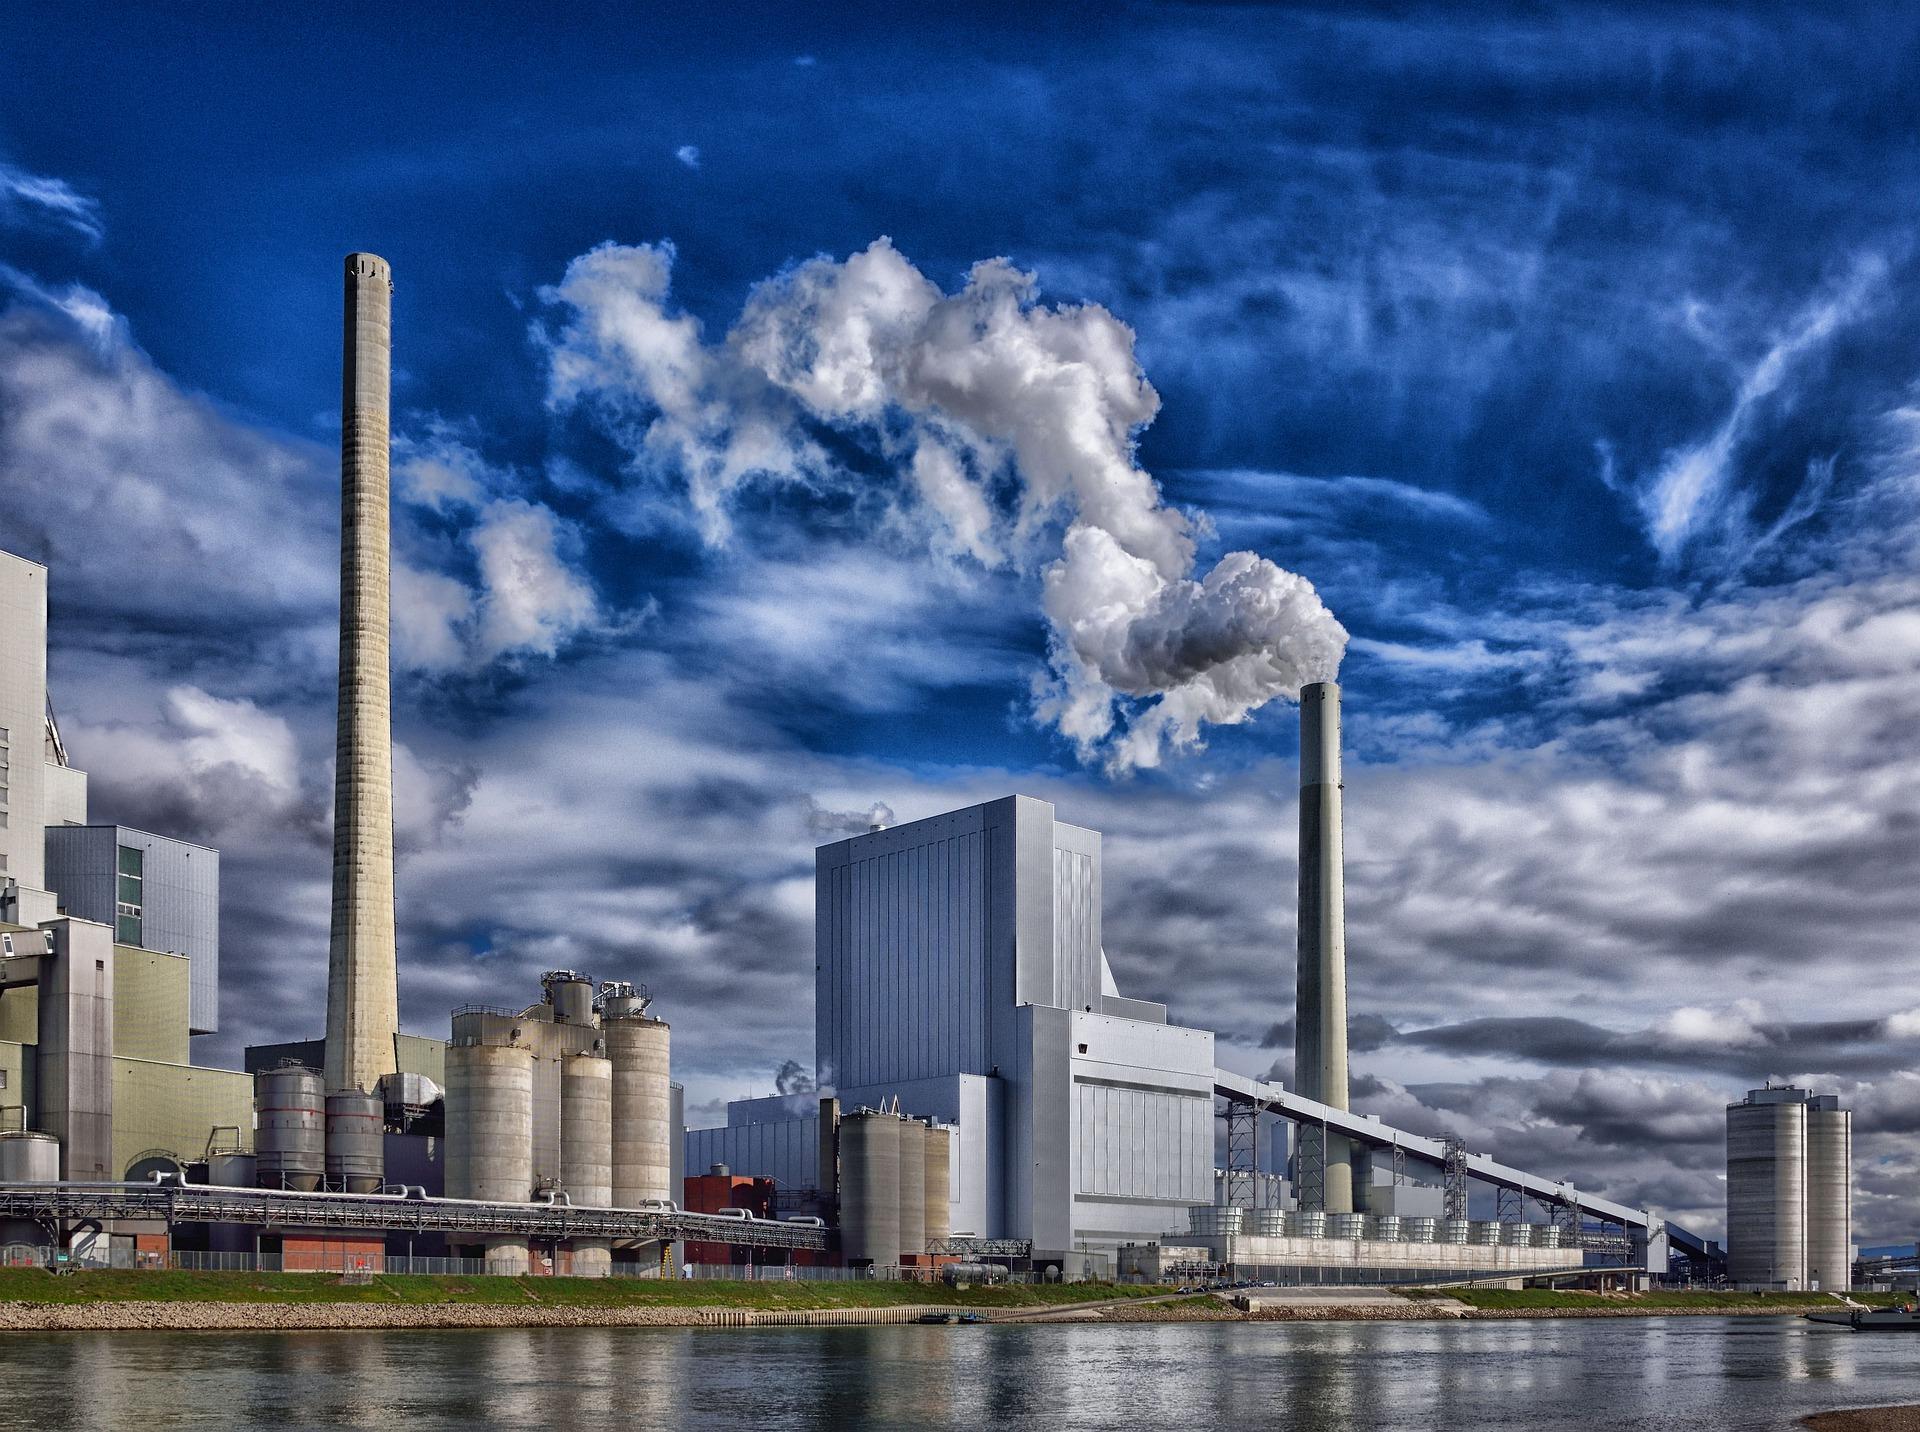 Odciąg przemysłowy – jak dobrać odpowiedni?